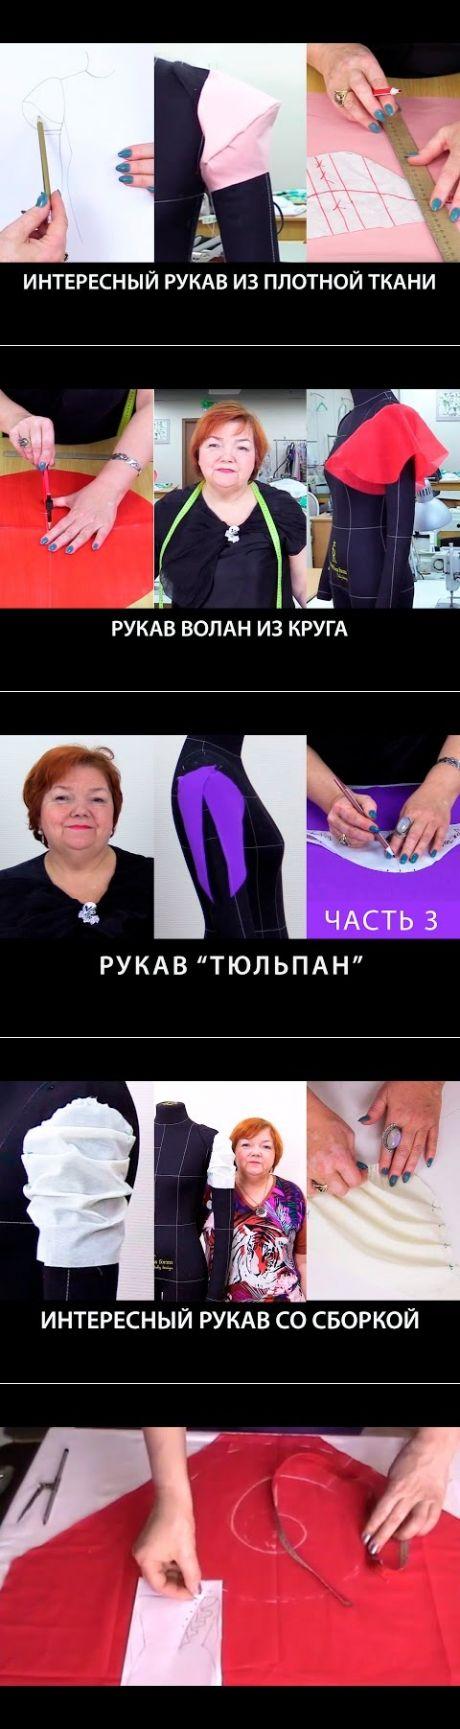 Рукав волан из круга из ткани органза Простая выкройка рукава своими руками для начинающих - YouTube